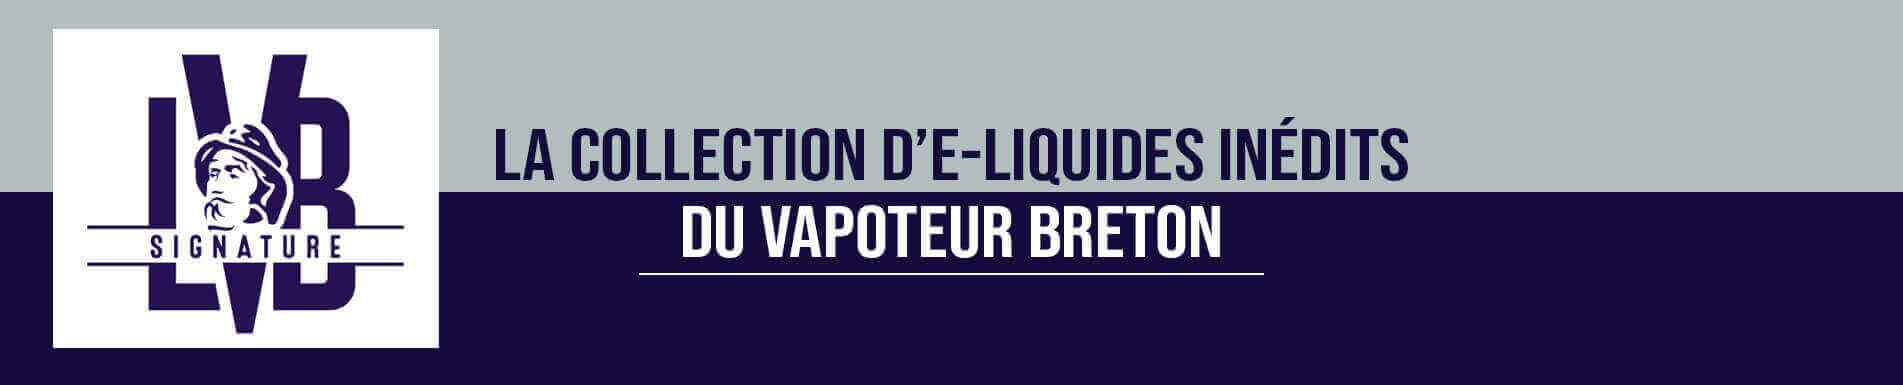 E-liquide Le Vapoteur Breton Signature